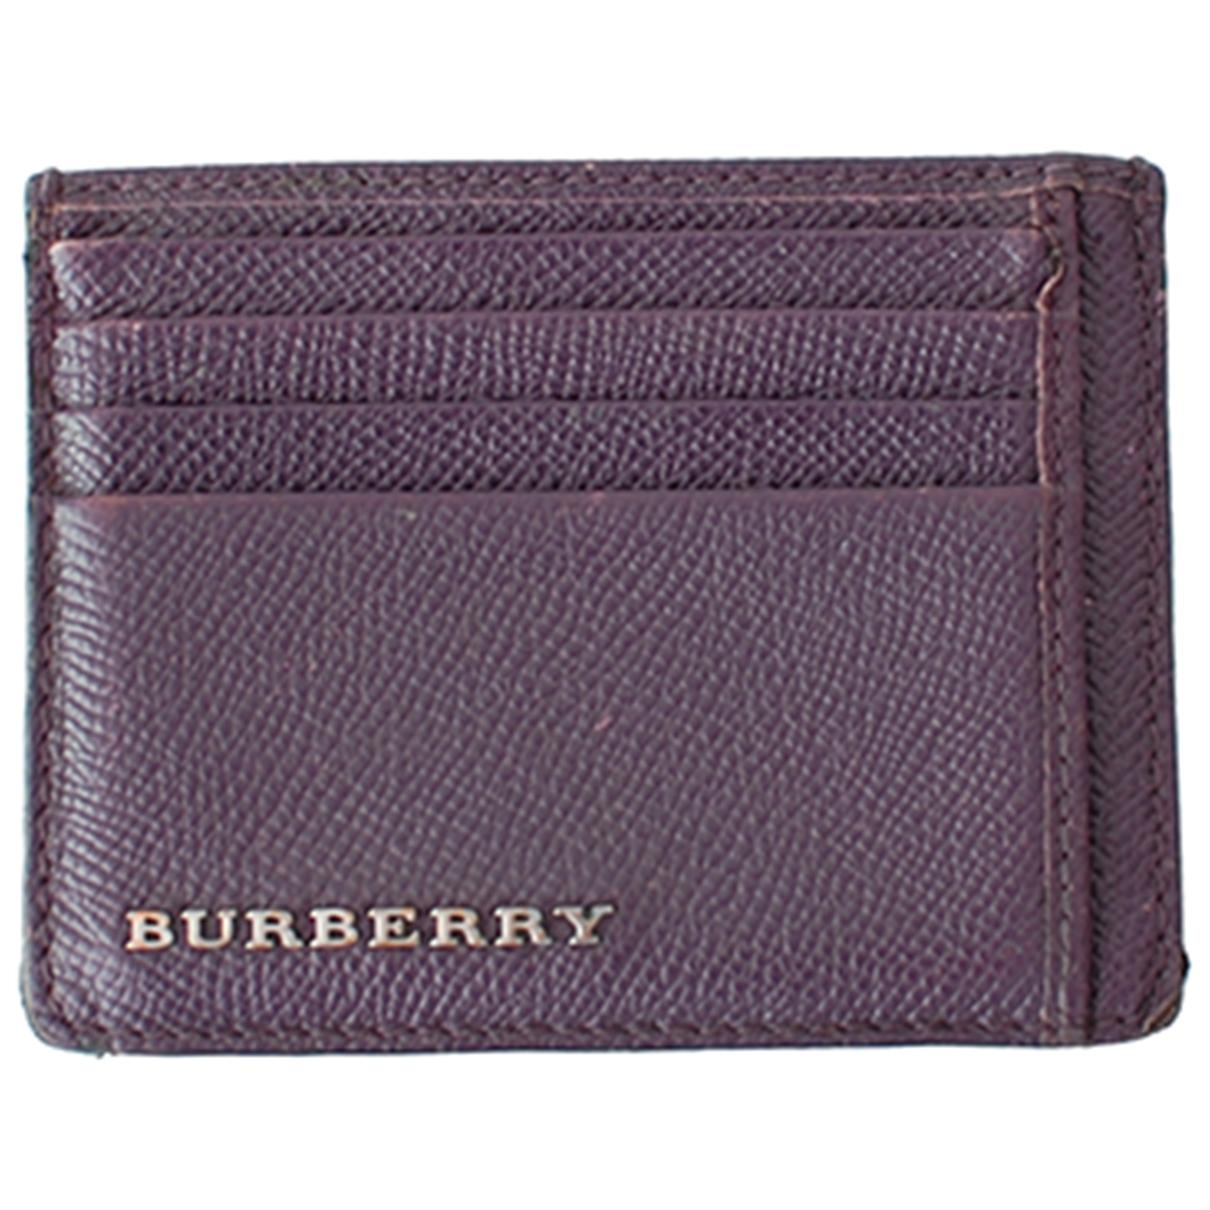 Burberry - Petite maroquinerie   pour femme en cuir - violet